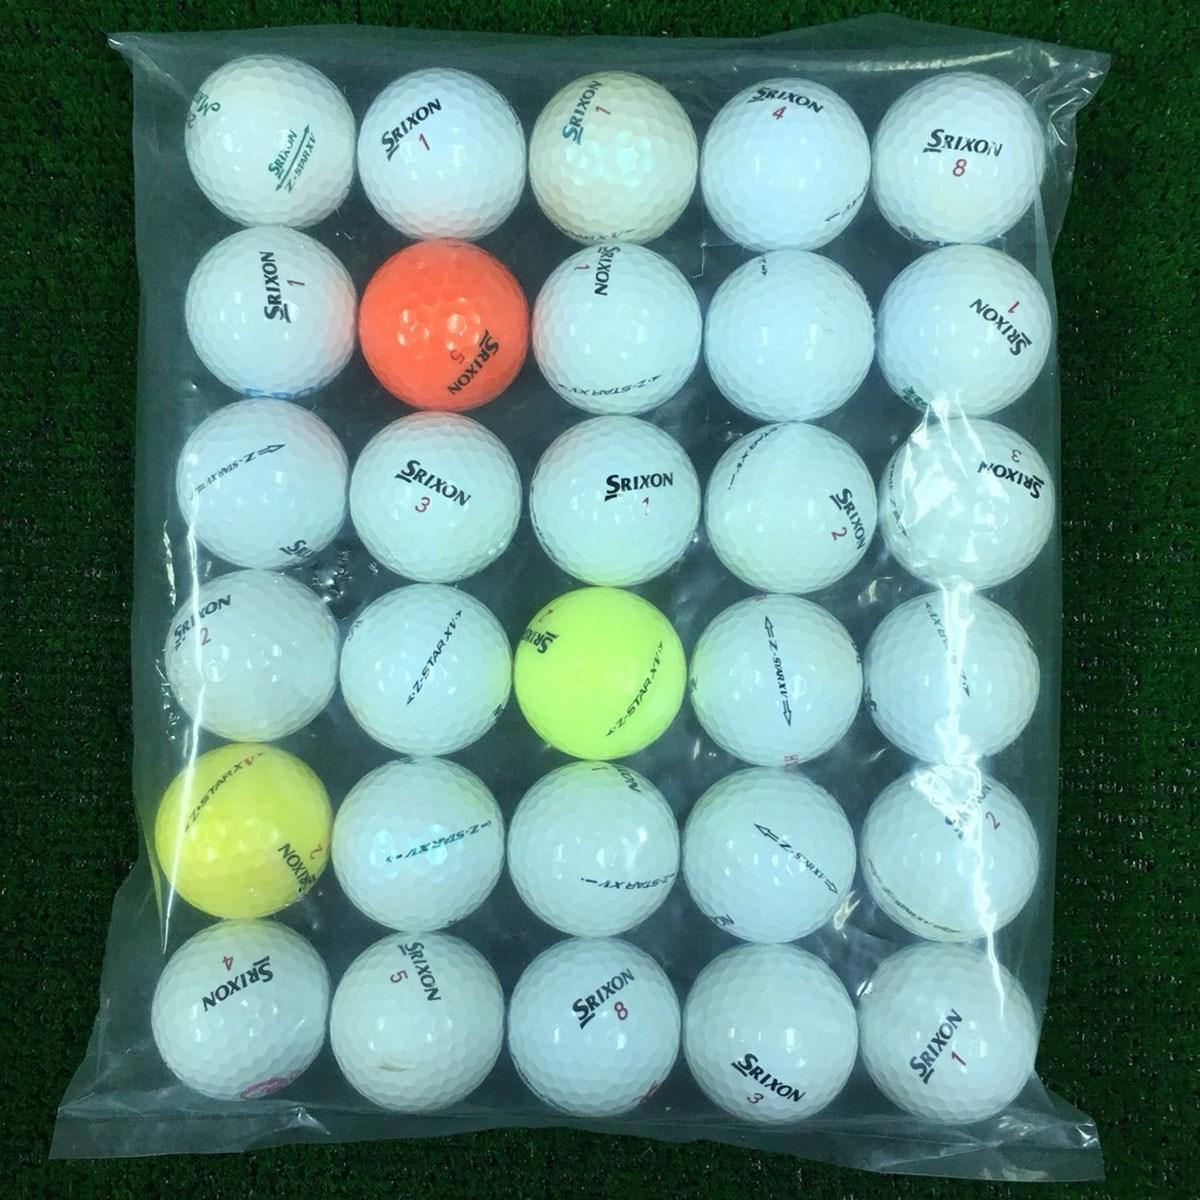 ロストボール Lost Ball Z-STAR XV系混合 ロストボール 30個セット 30個入り 混合